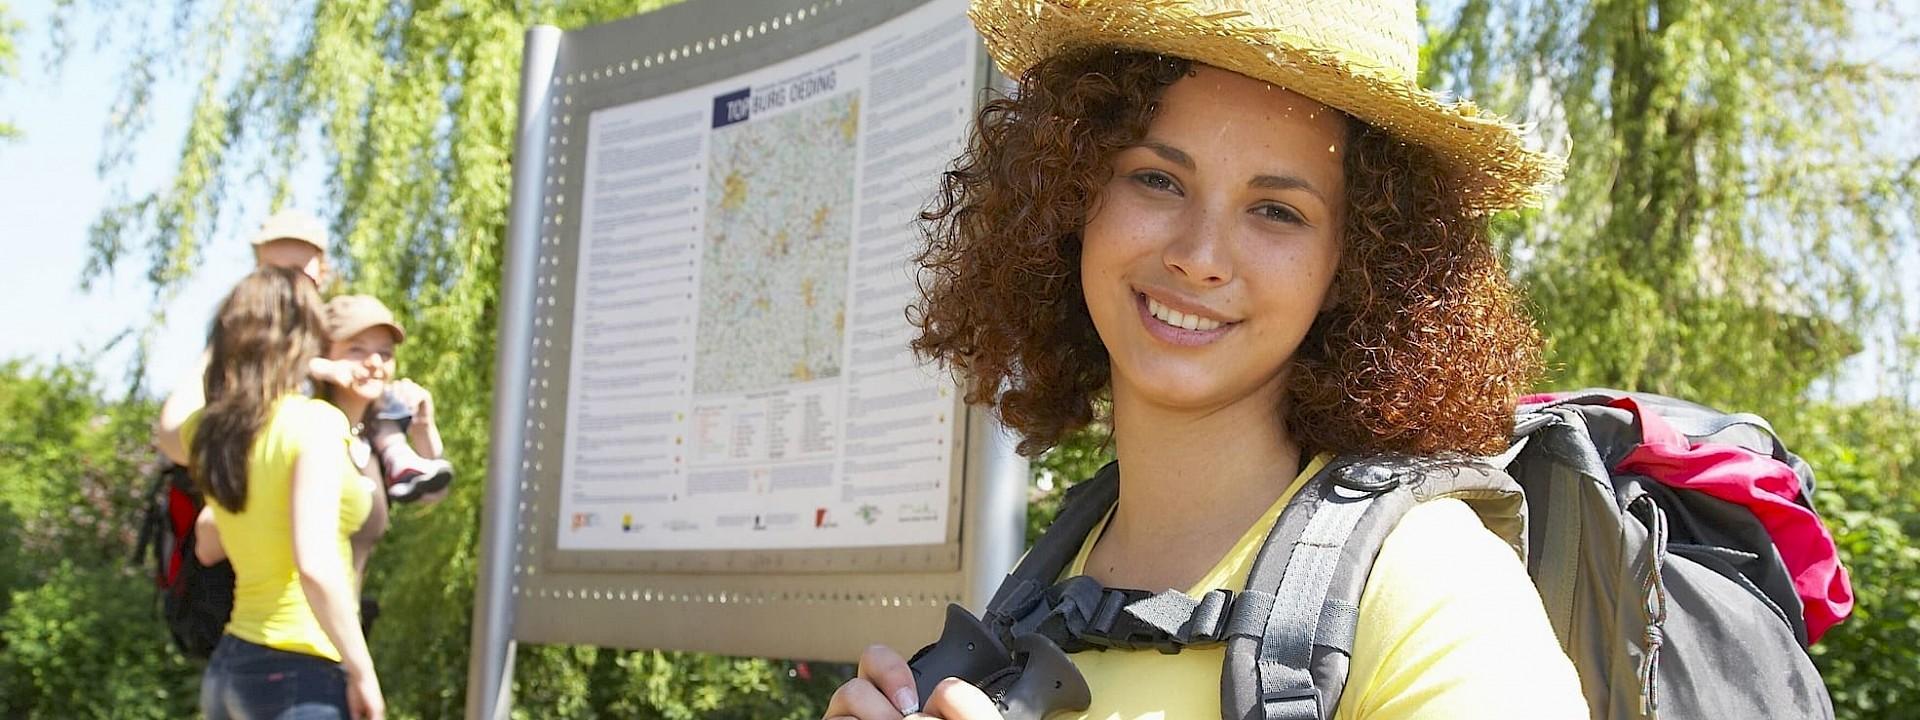 Grenzenlose Wege, grenzenlose Erlebnisse TOPs im Münsterland